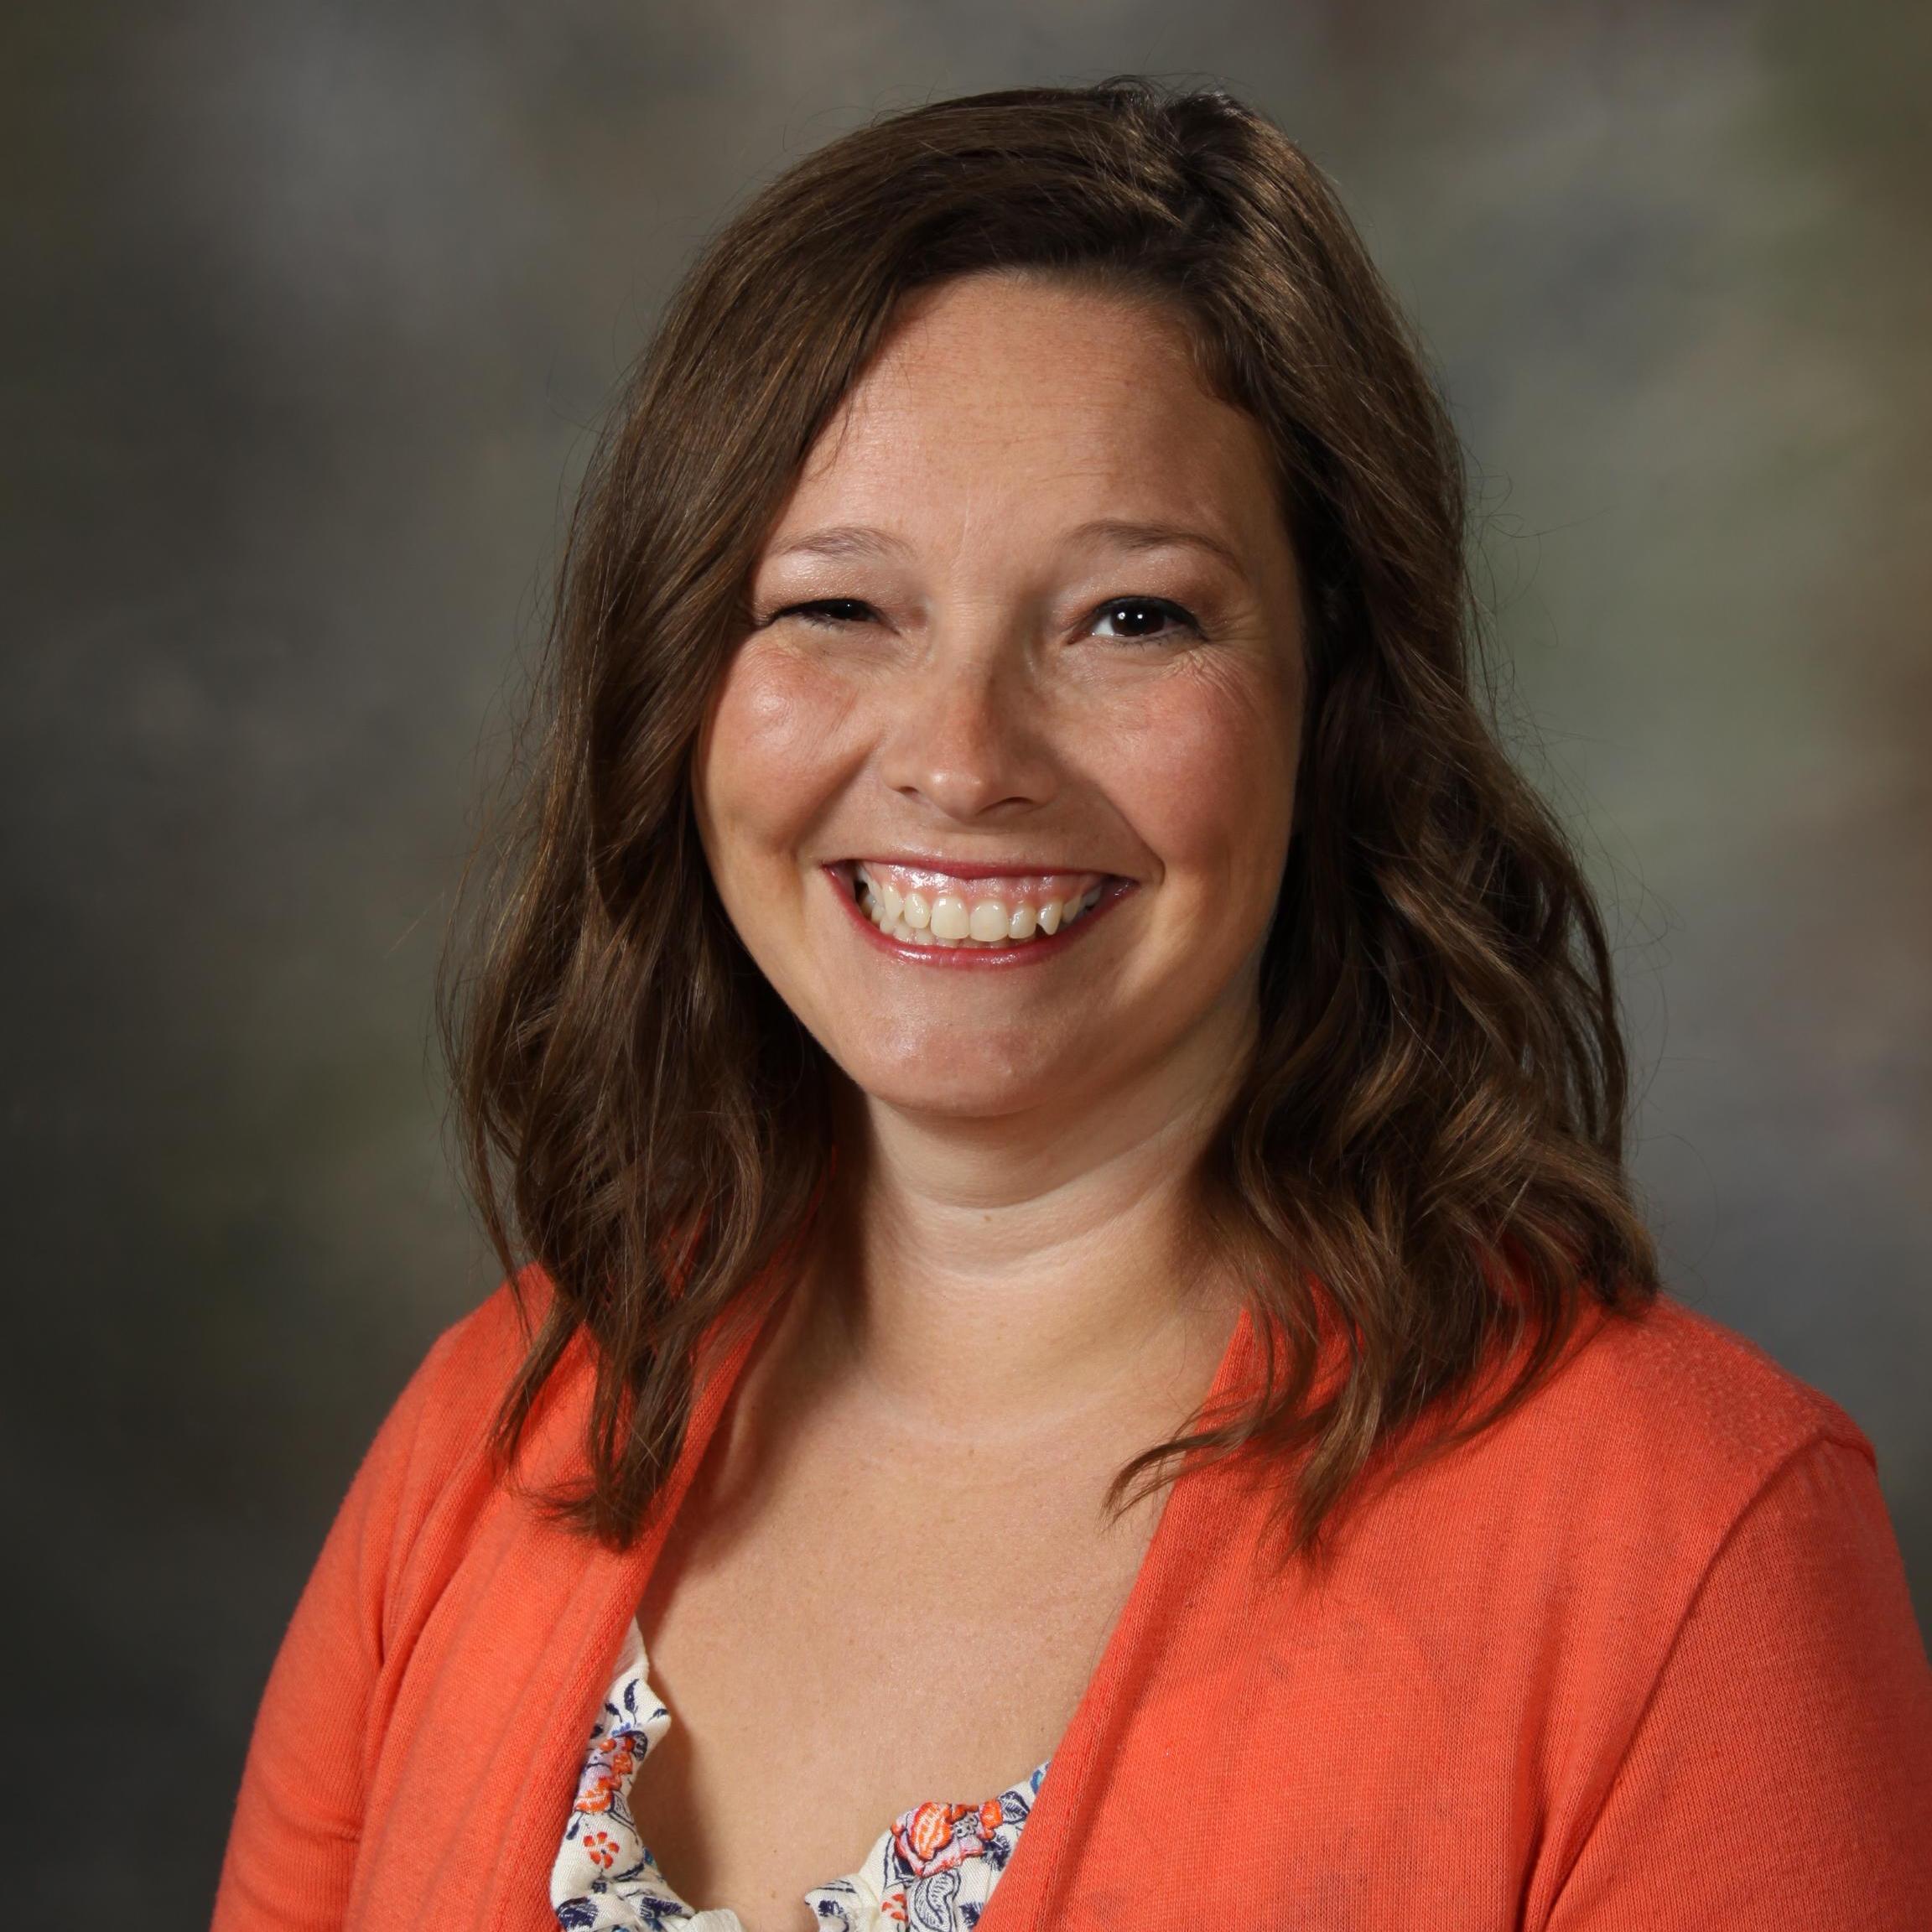 Shauna Sweeney's Profile Photo